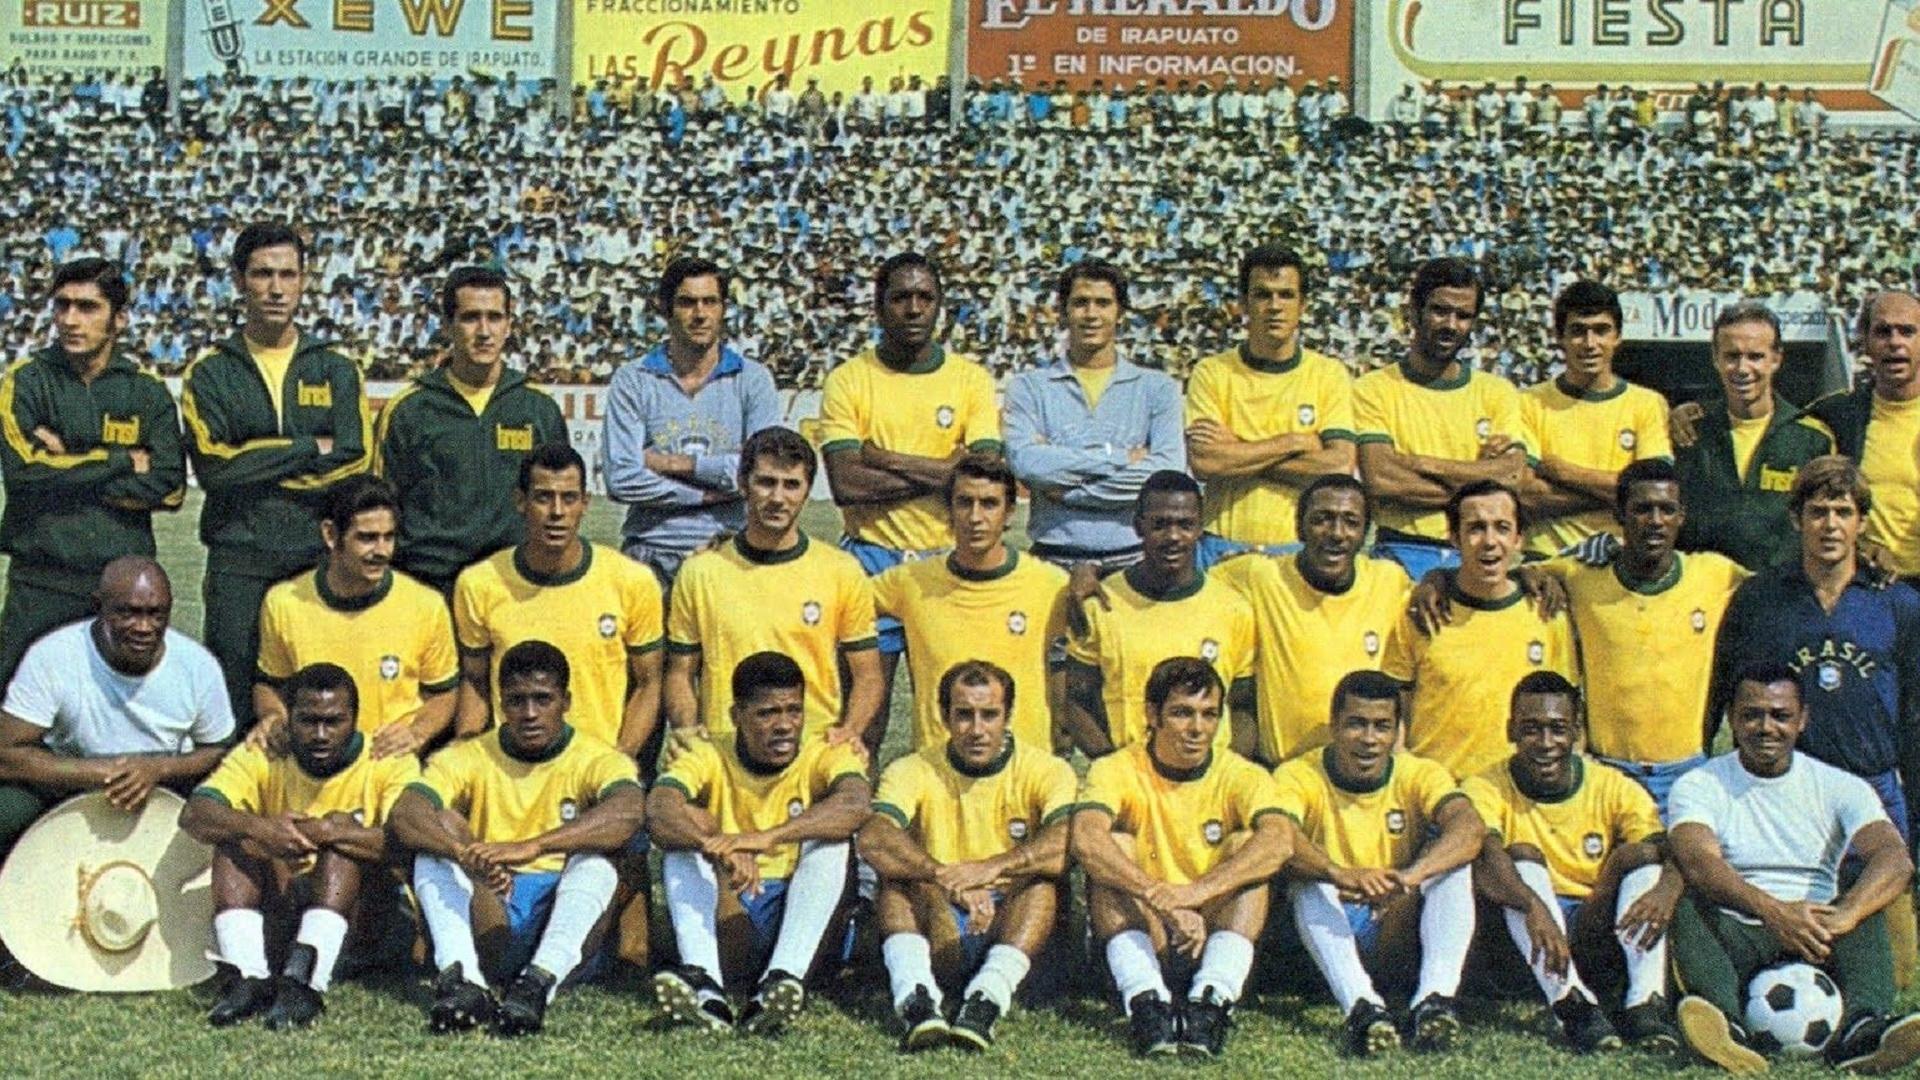 Livro resgata história da maior seleção brasileira de futebol